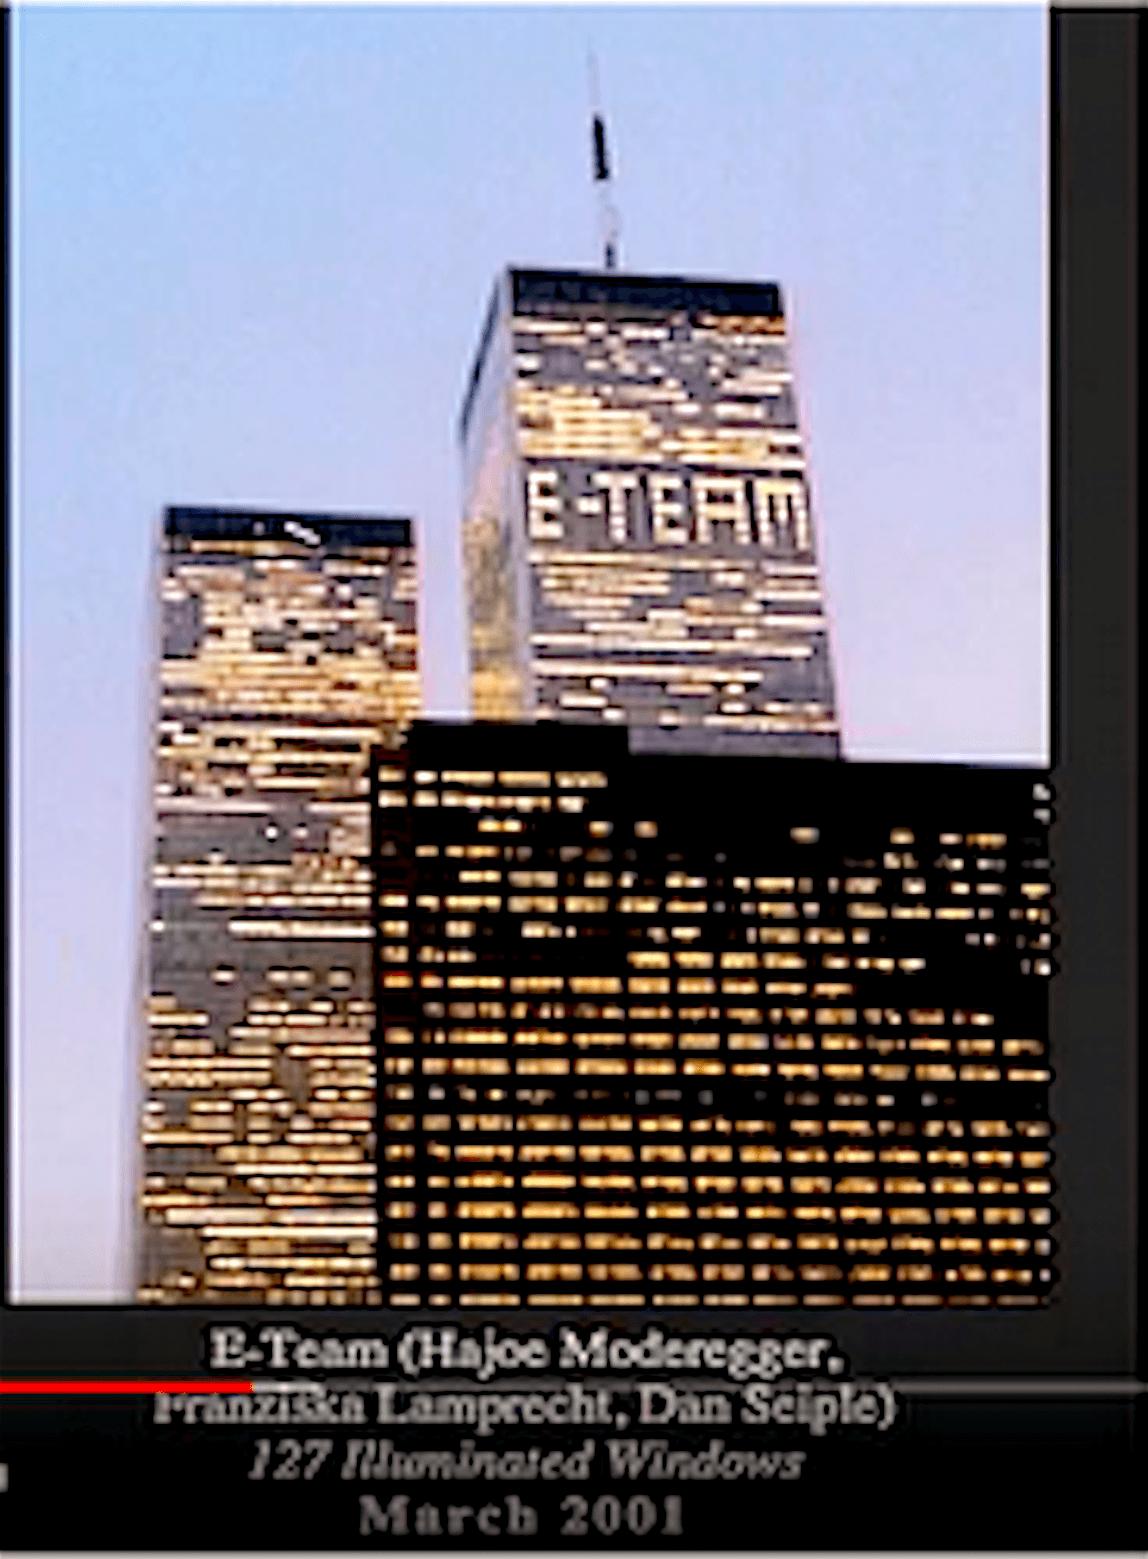 E-Team + 127 Illuminated Lights (foto YouTube)